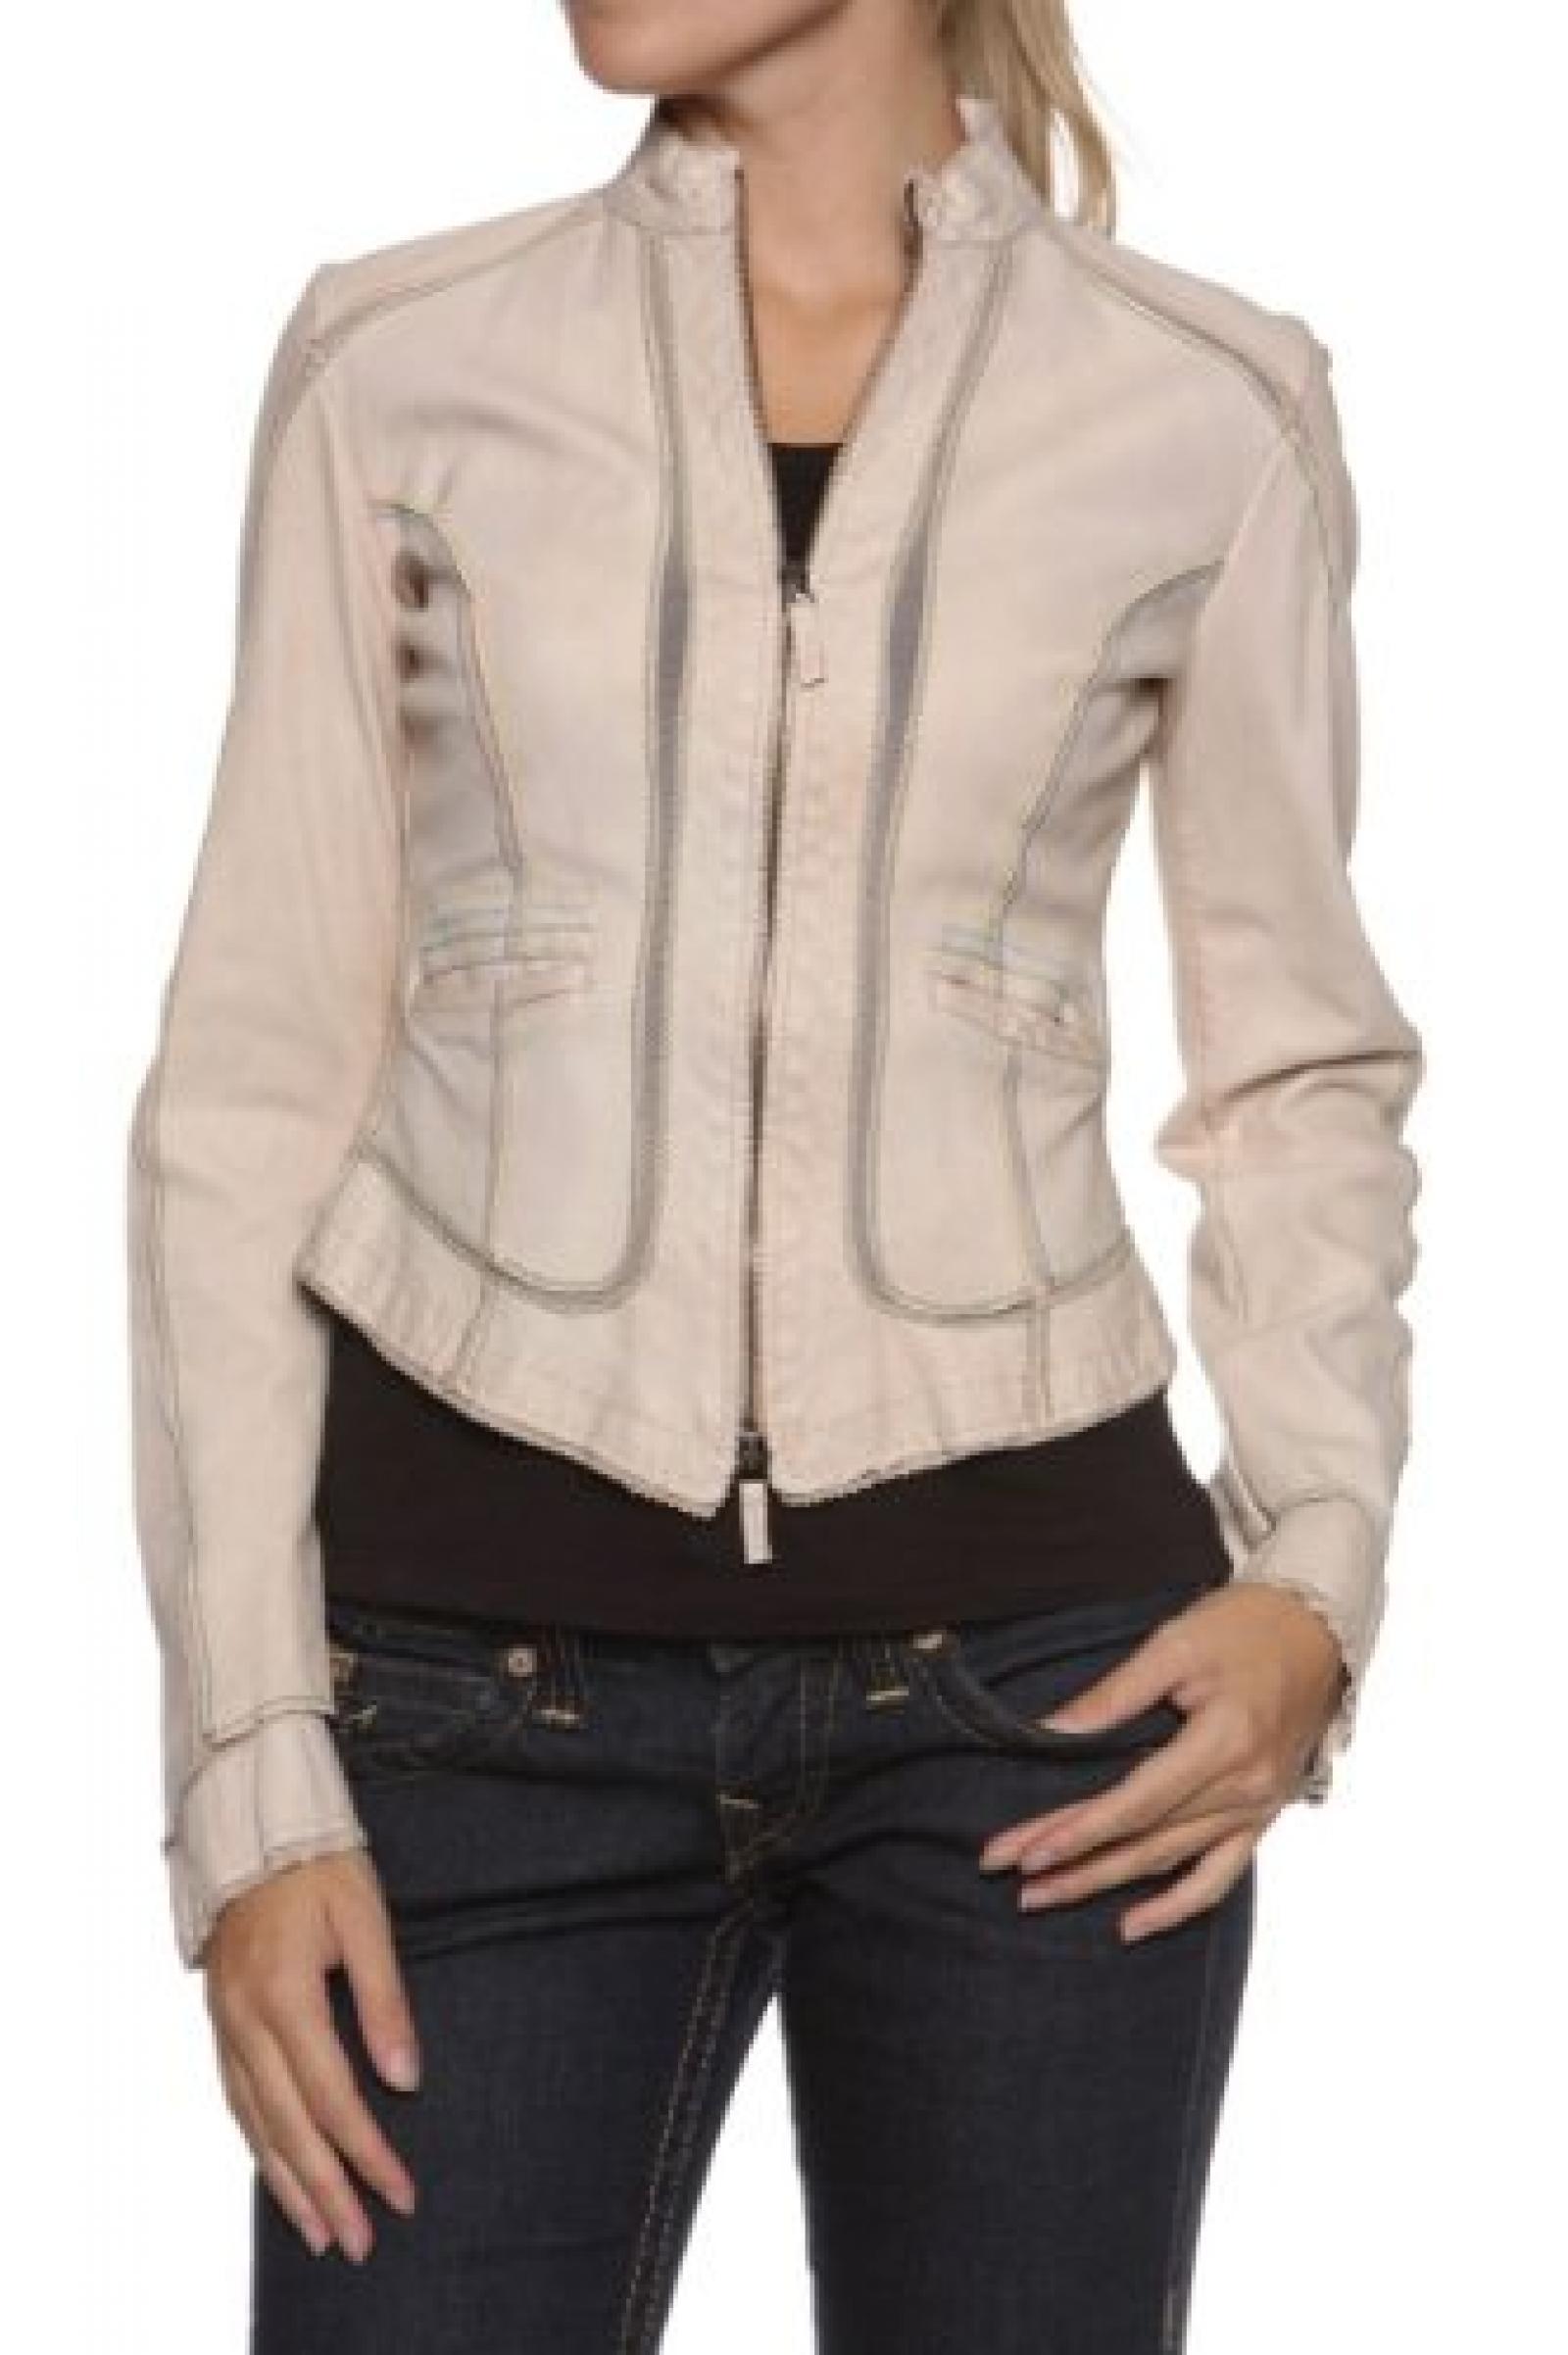 Paolo Sperotto Damen Jacke Lederjacke MARIE, Farbe: Beige